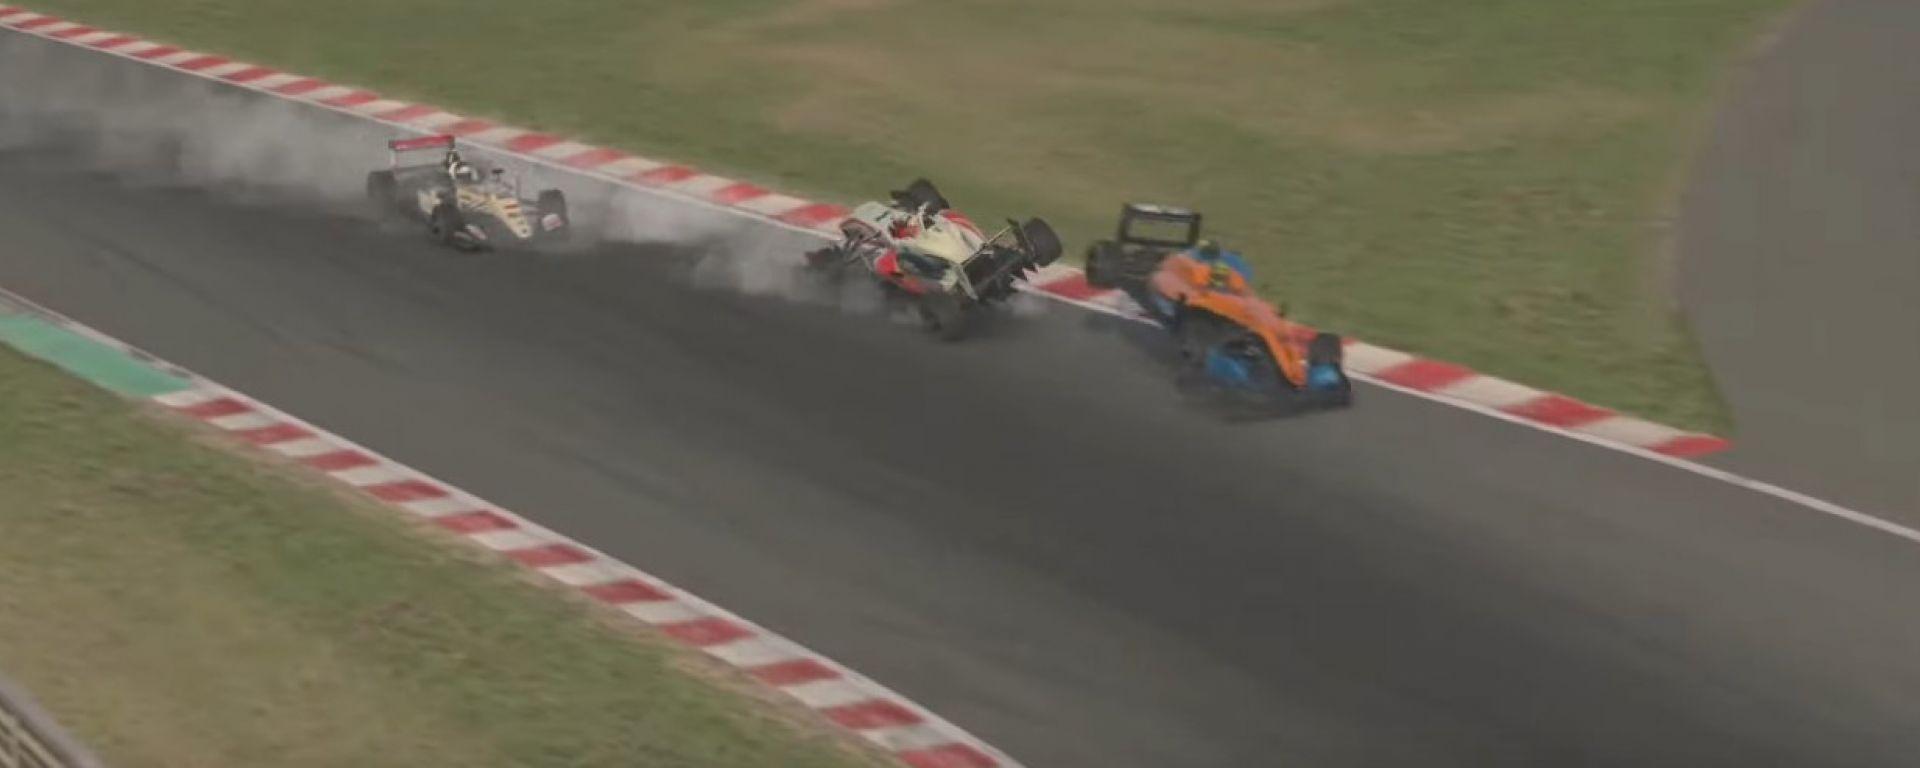 Un'immagine dell'incidente che ha coinvolto Verstappen e Norris su iRacing